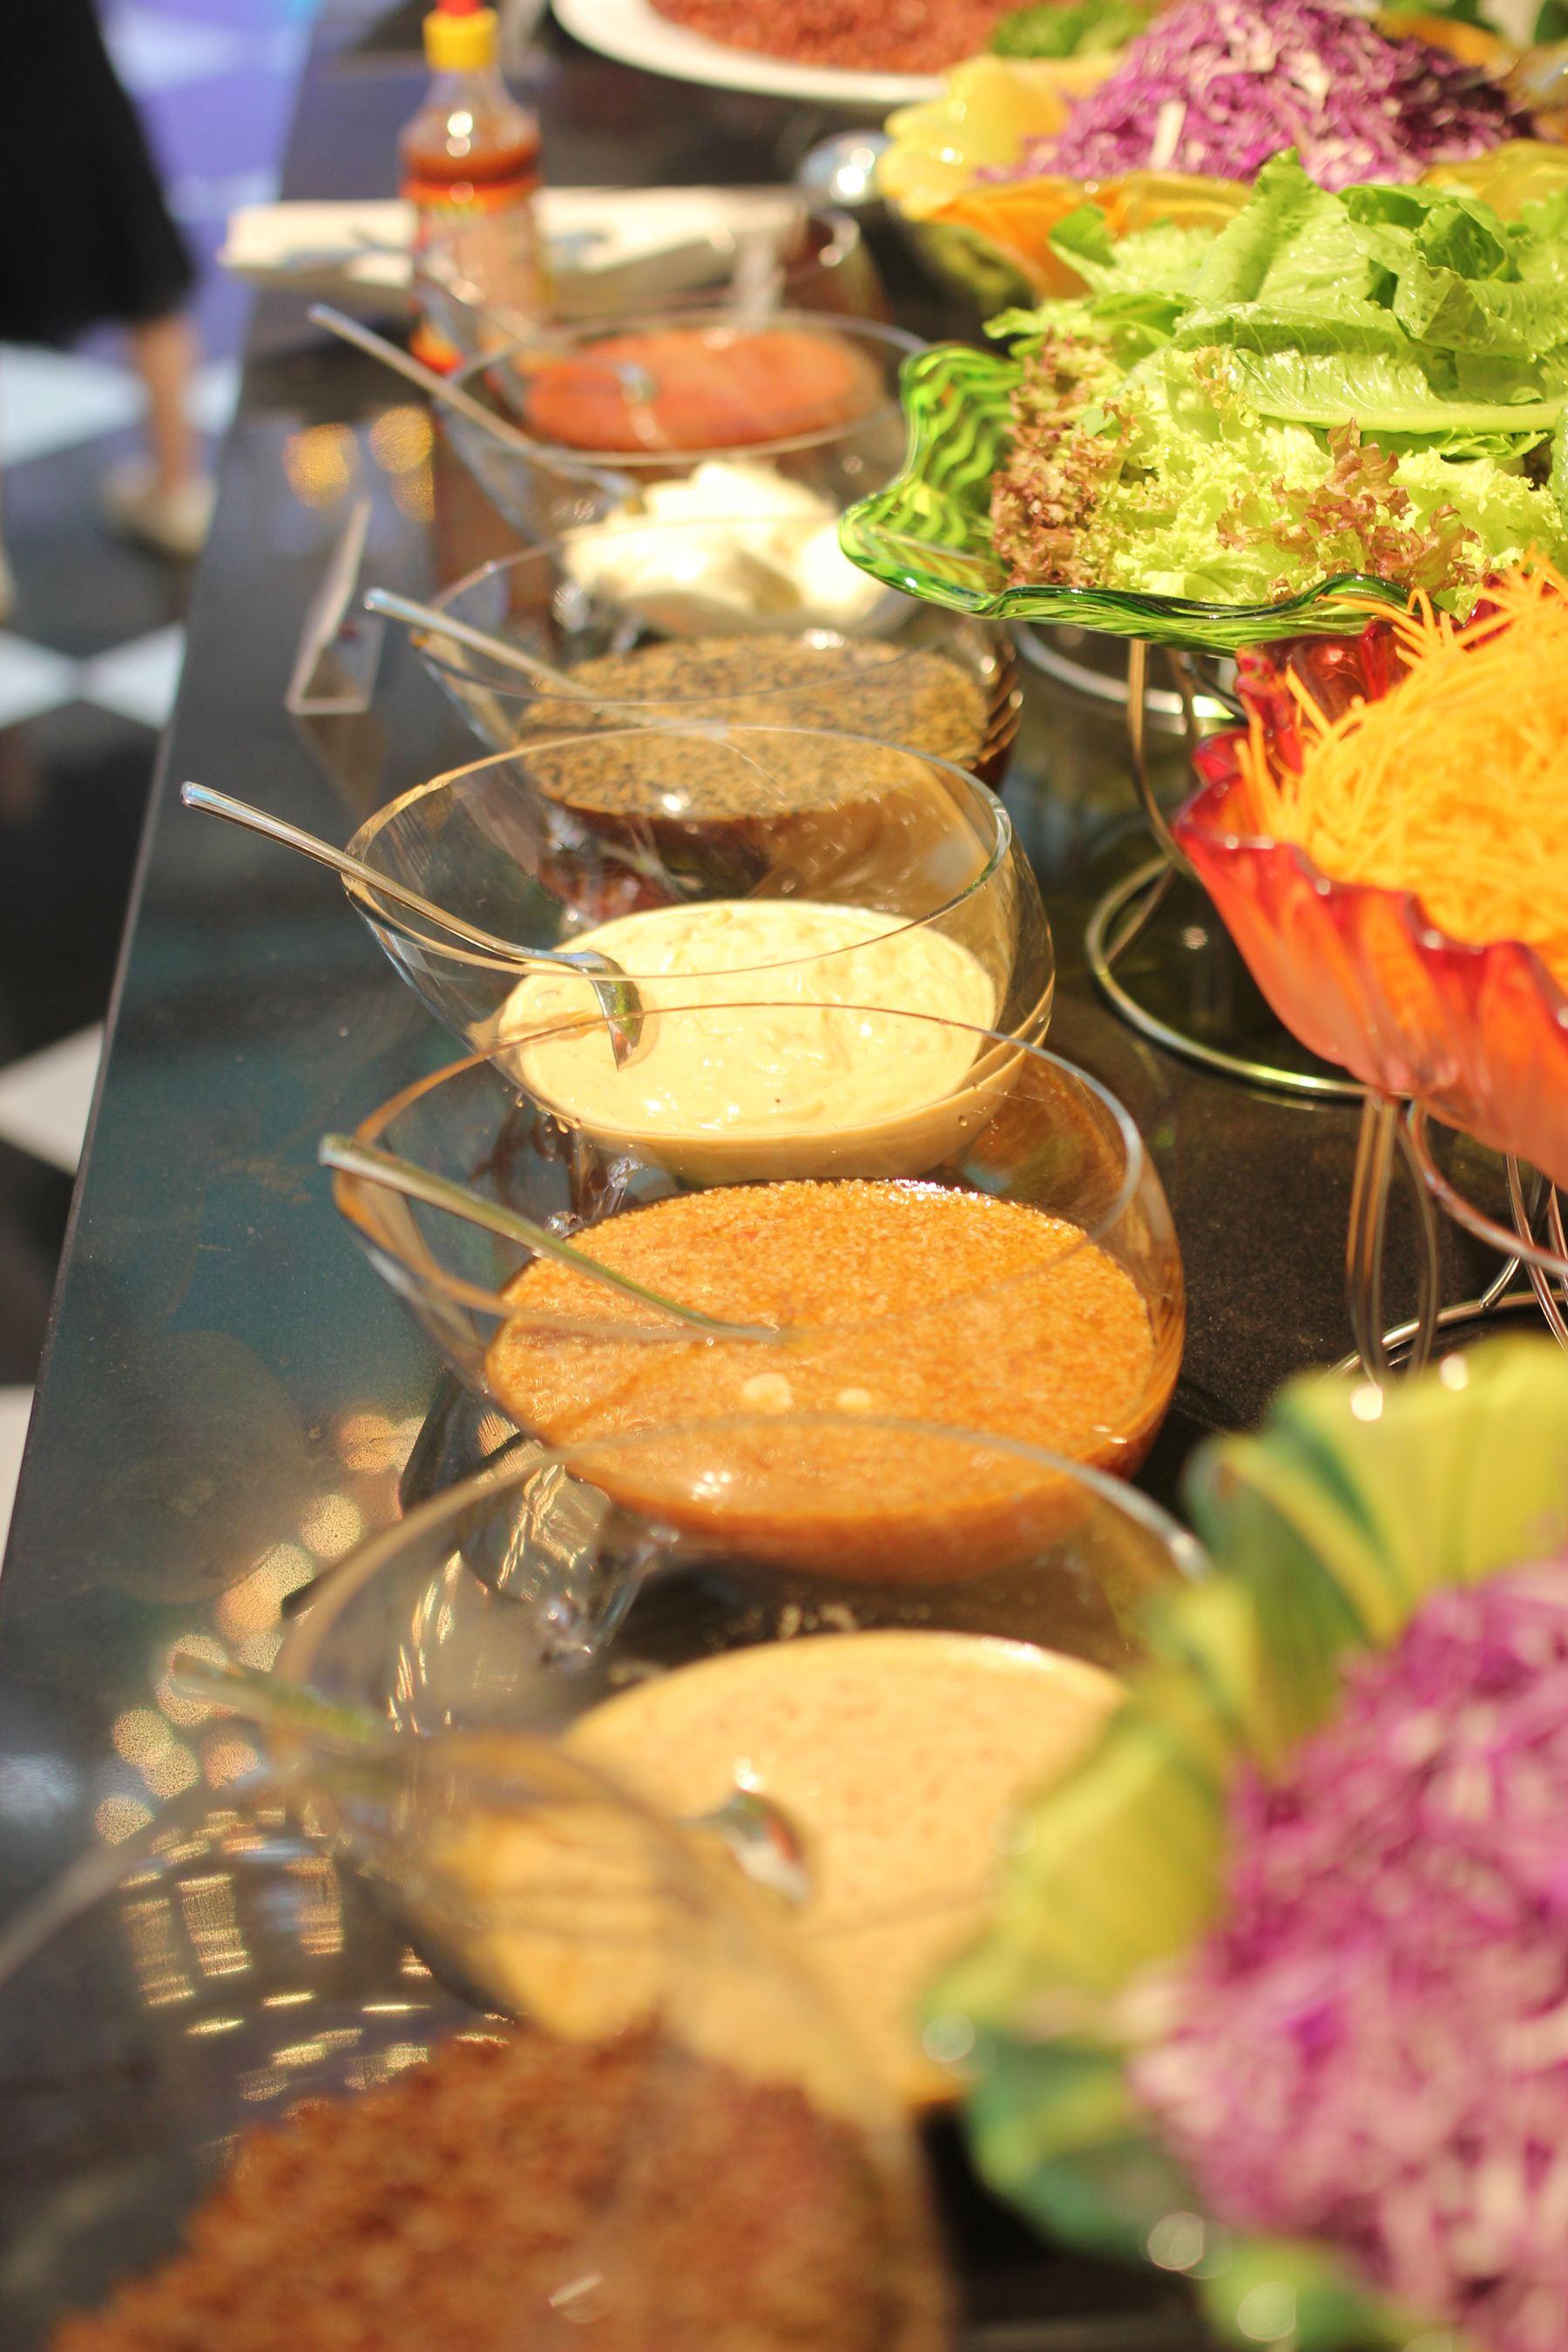 Nhà hàng Âu Lạc Healthy World thu hút các bạn trẻ với buffet hơn 150 món chay - Ảnh 3.